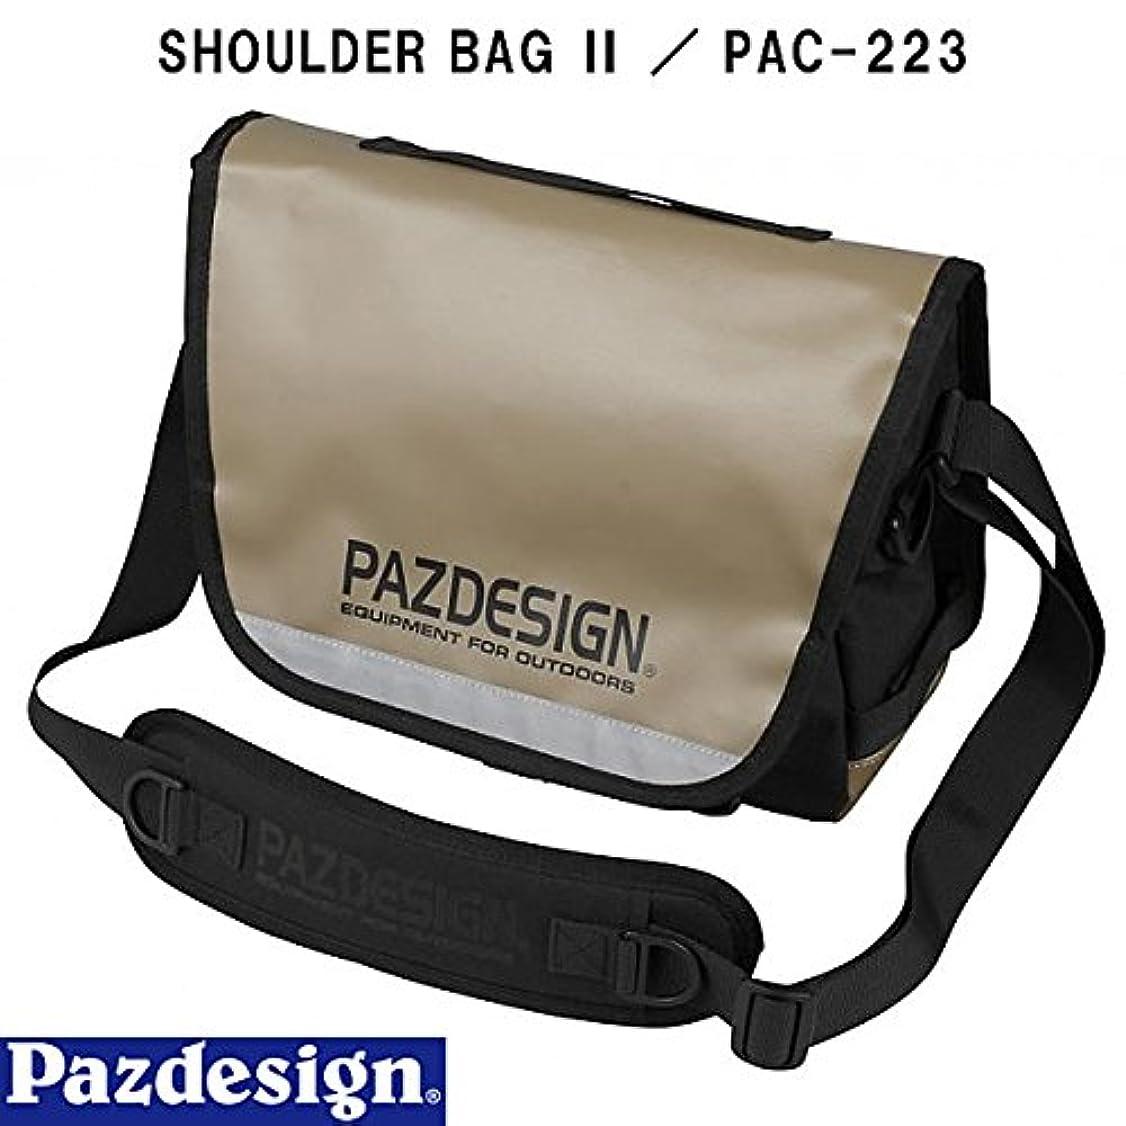 パキスタン人毎日数パズデザイン 渓流バッグ ショルダーバッグII PAC-223 グリーンカモ